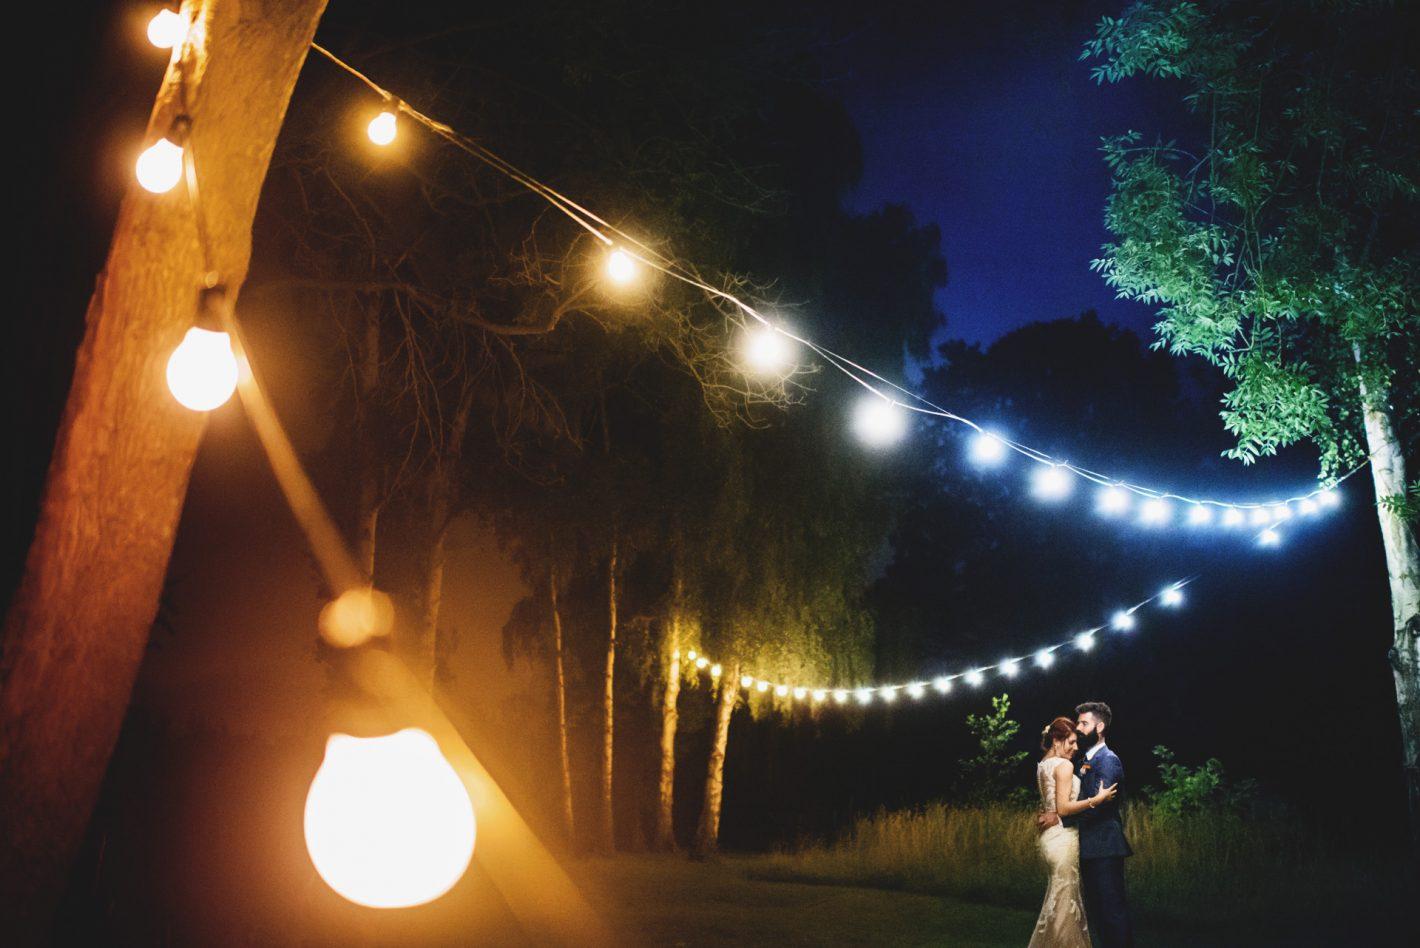 Une dernière danse intime à la fin d'un mariage. Cette photo illustre parfaitement les possibilités offertes par l'extraordinaire D750. D750, AF-S NIKKOR 35 mm f/1.4G, ISO 12800, 1/80 sec @ f/1.4